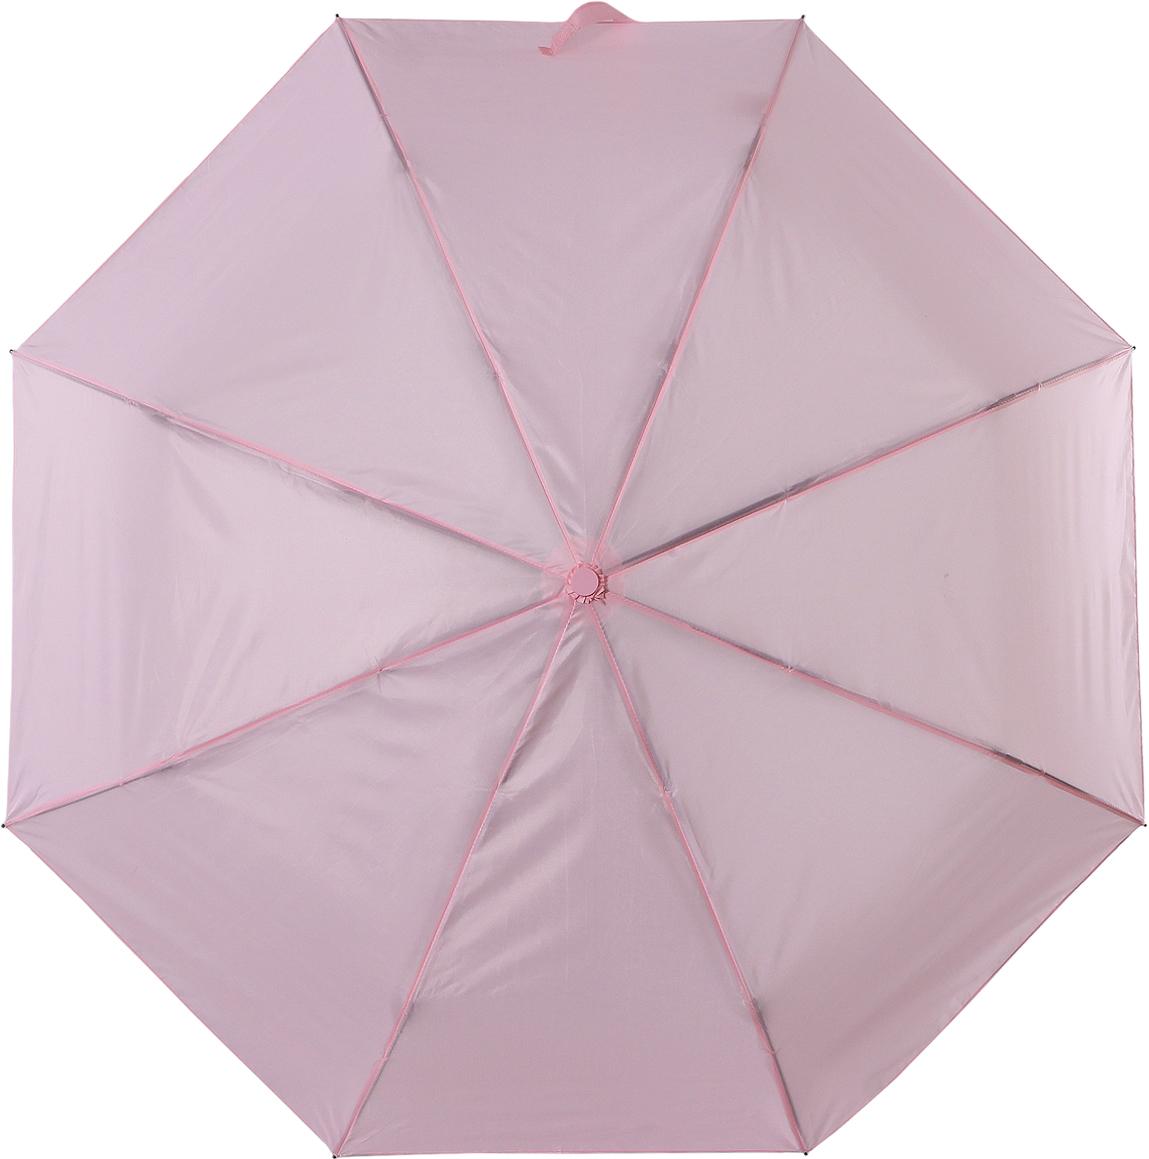 Зонт женский Torm, цвет: светло-розовый. 3731-12K60K602461_0010Классический женский зонт в 3 сложения полный автомат. Удобная ручка выполнена из пластика. Модель зонта выполнена в стандартном размере, оснащена системой Антиветер. Этот стильный аксессуар поместится практически в любую женскую сумочку благодаря своим небольшим размерам.